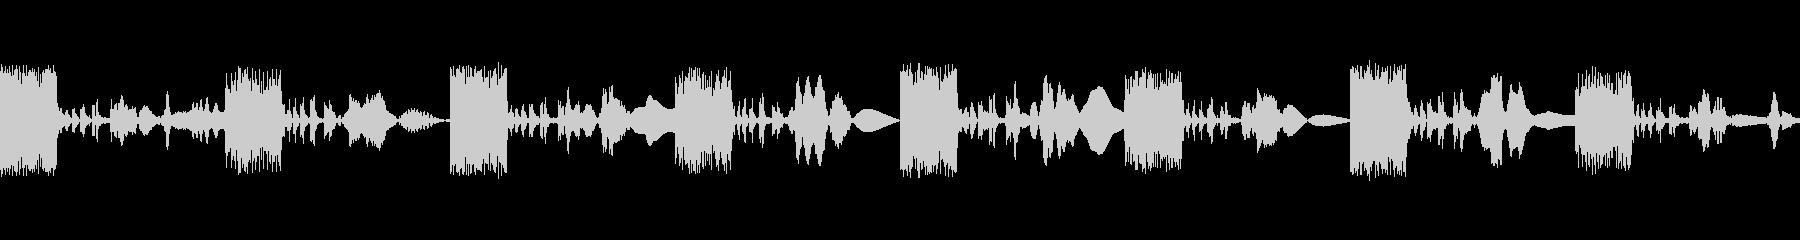 マーチングラバーエイリアンの未再生の波形